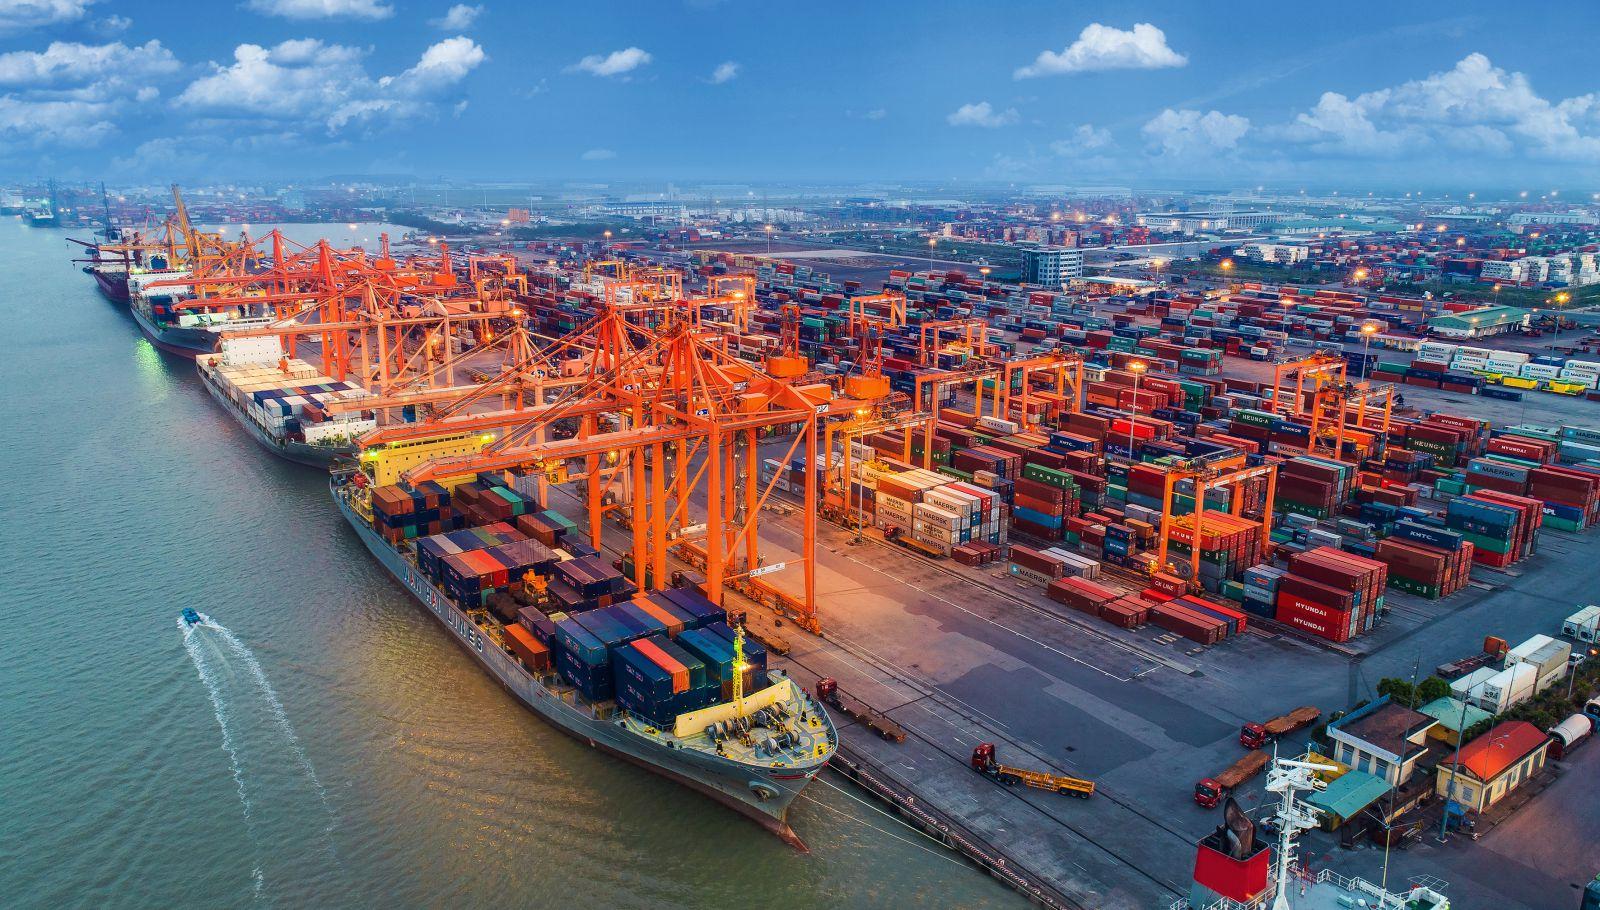 Hải Phòng sẽ có thêm hai bến cảng mới hơn 6.400 tỷ đồng - Ảnh 1.